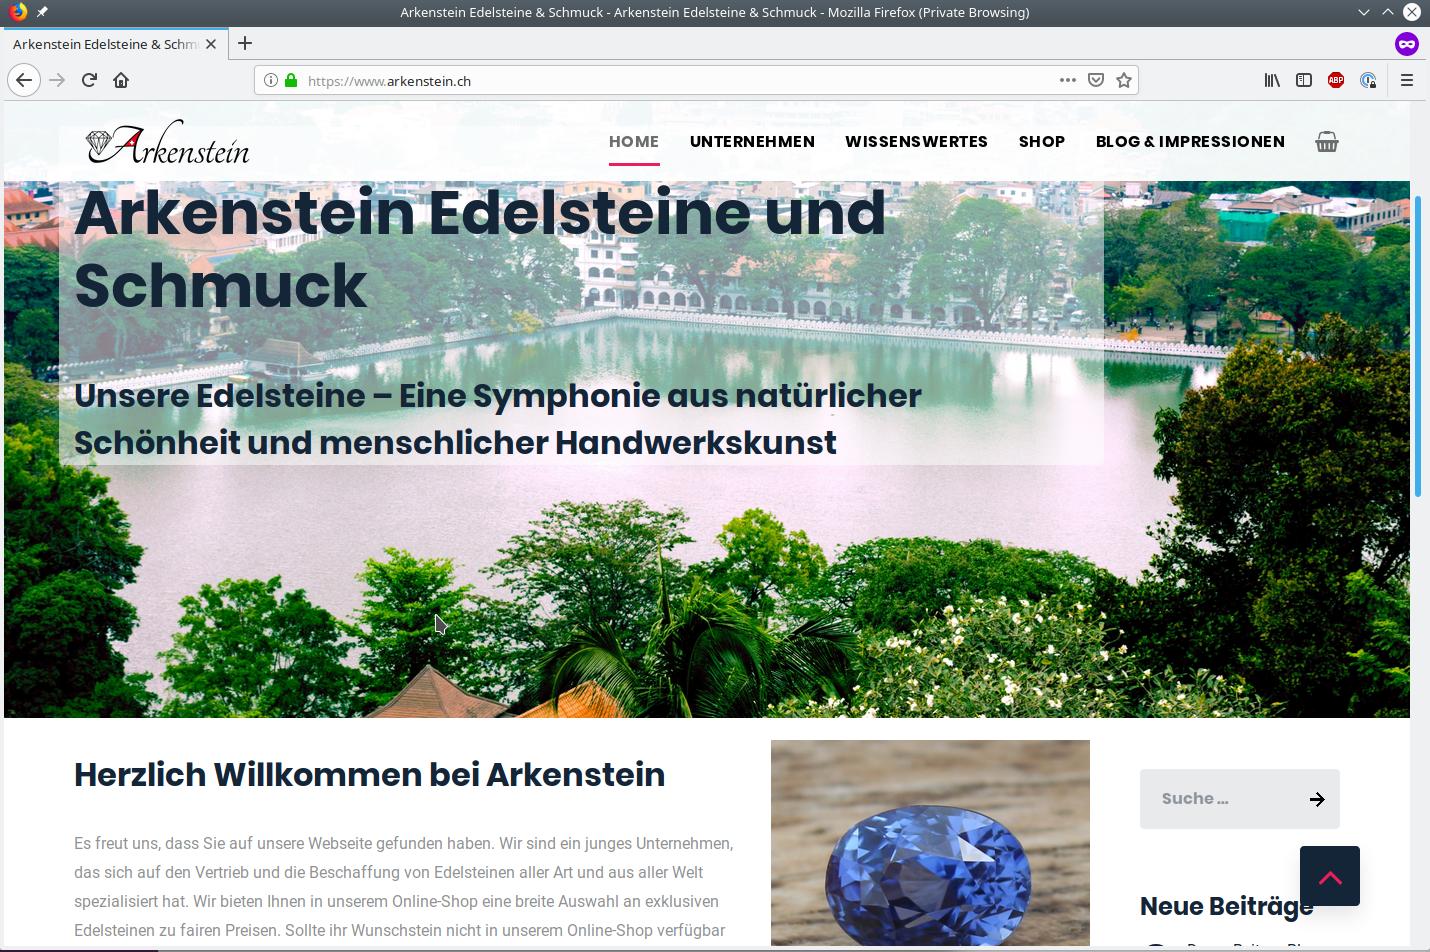 Arkenstein Edelsteine & Schmuck